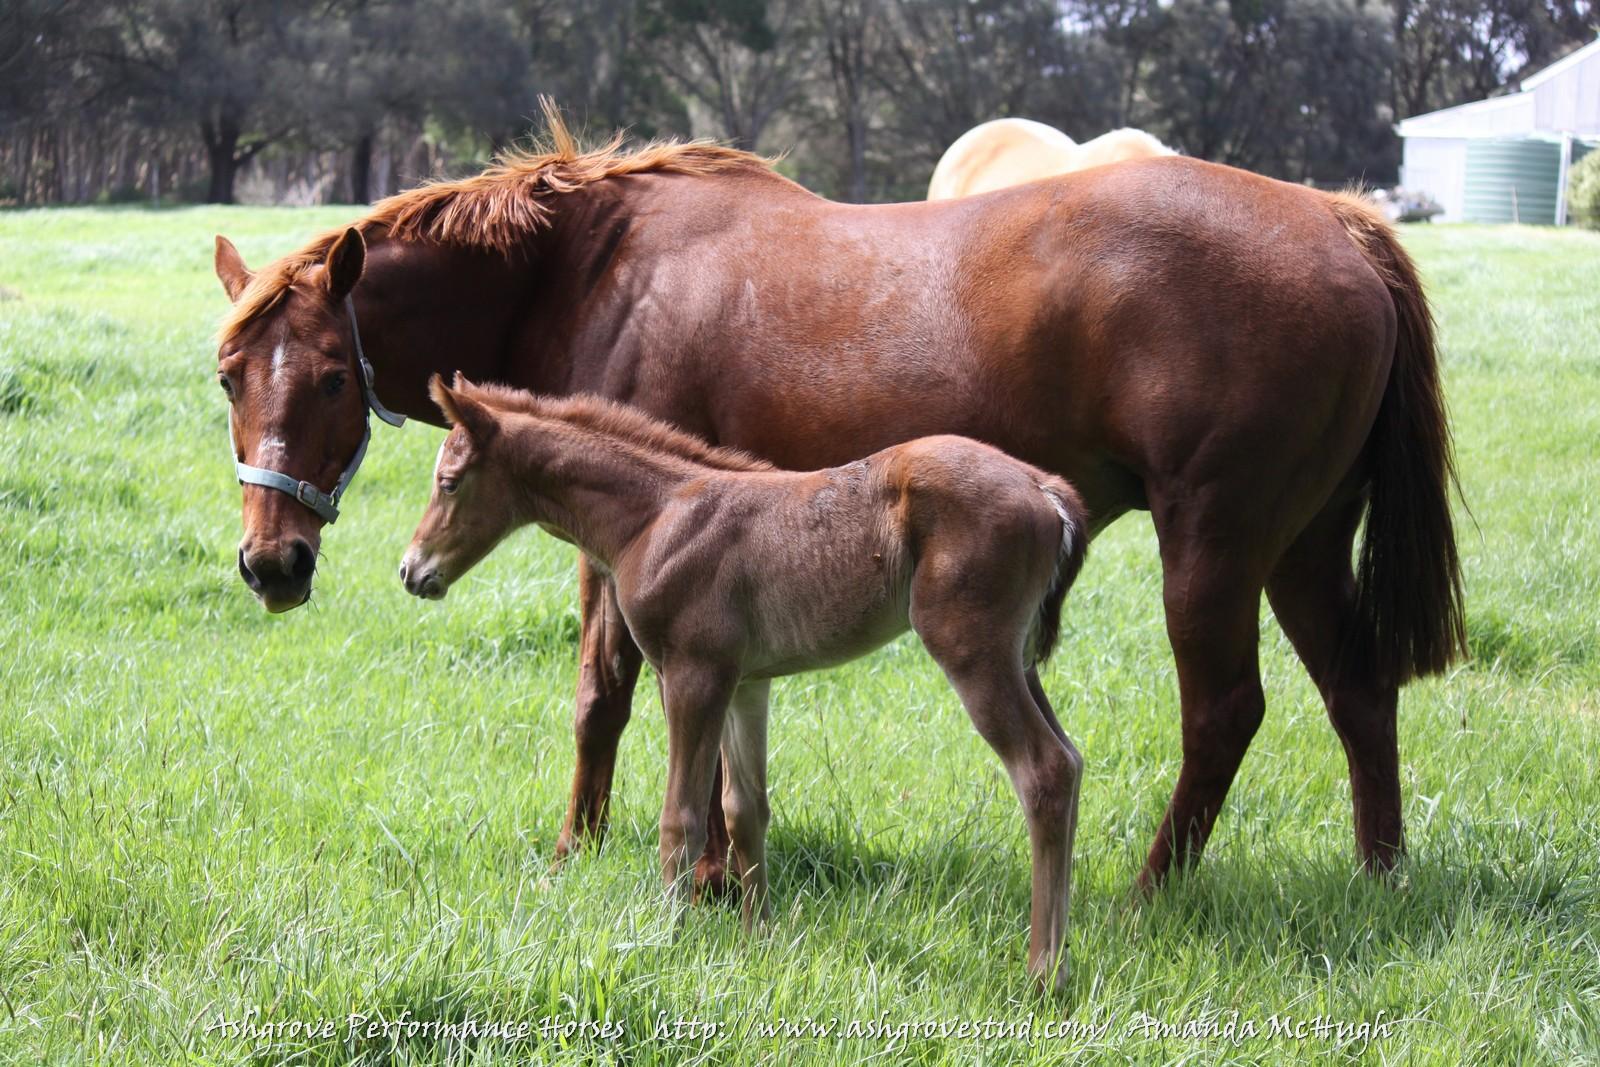 Foals 28-10-14 199 - Copy